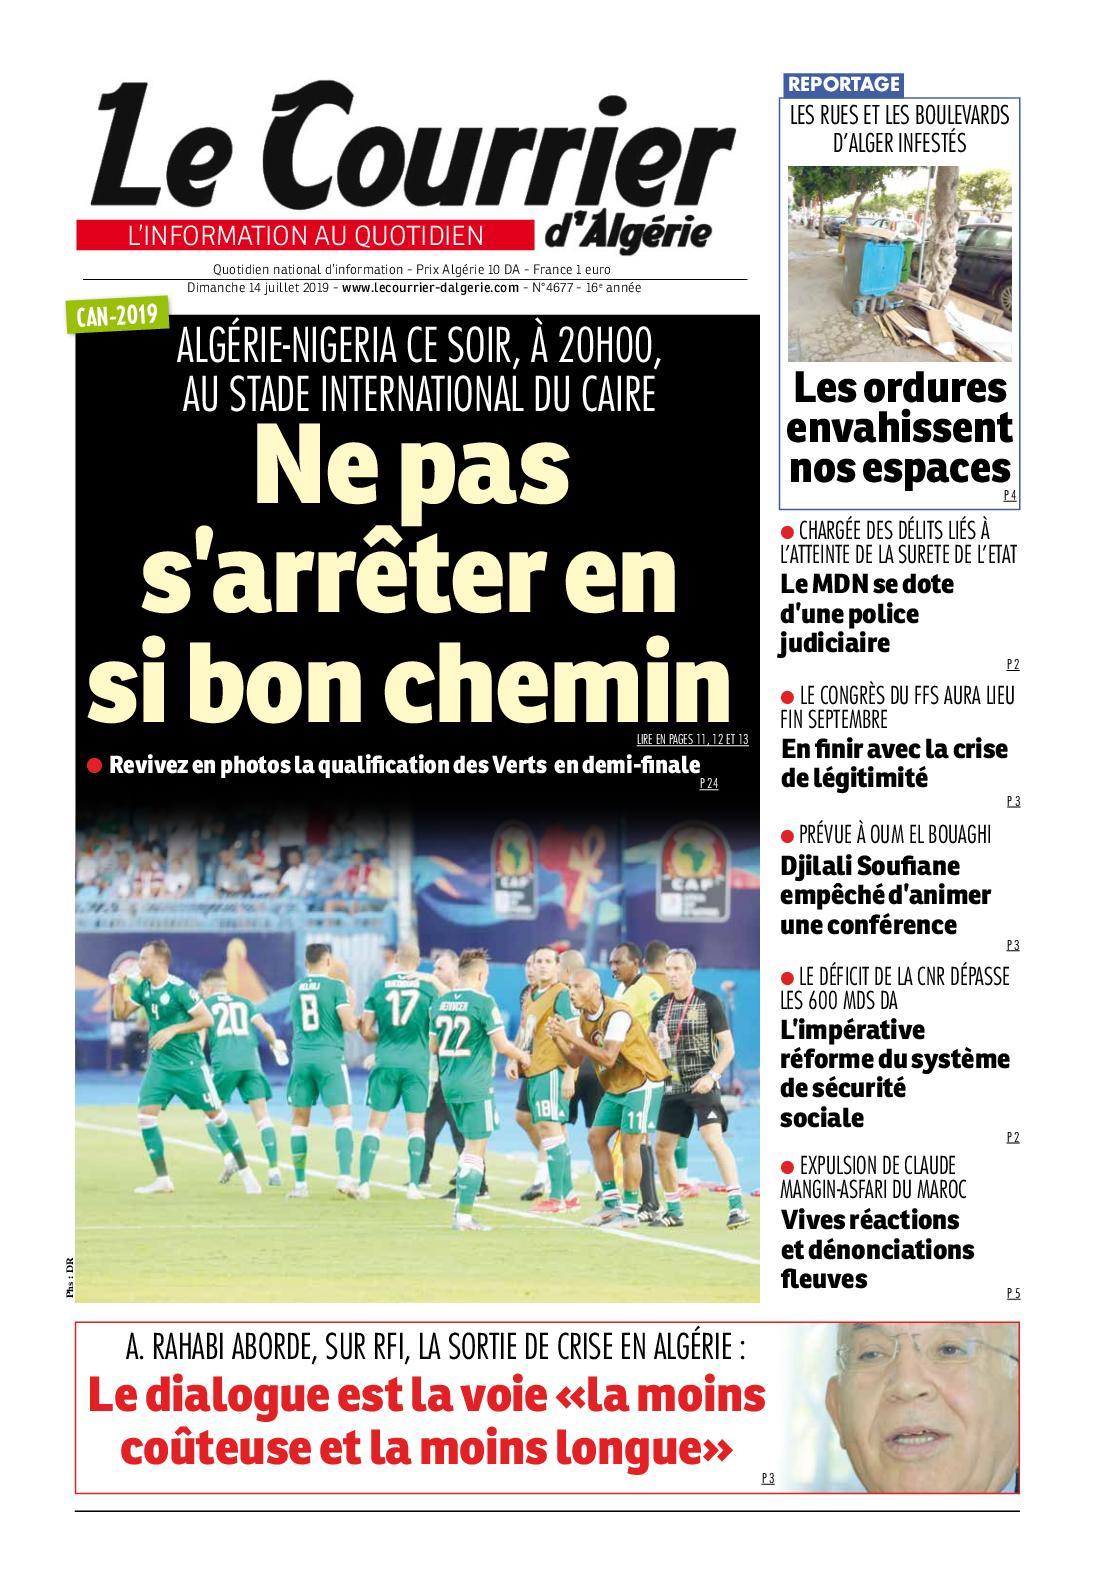 Le Courrier d'Algérie du dimanche 14 juillet 2019